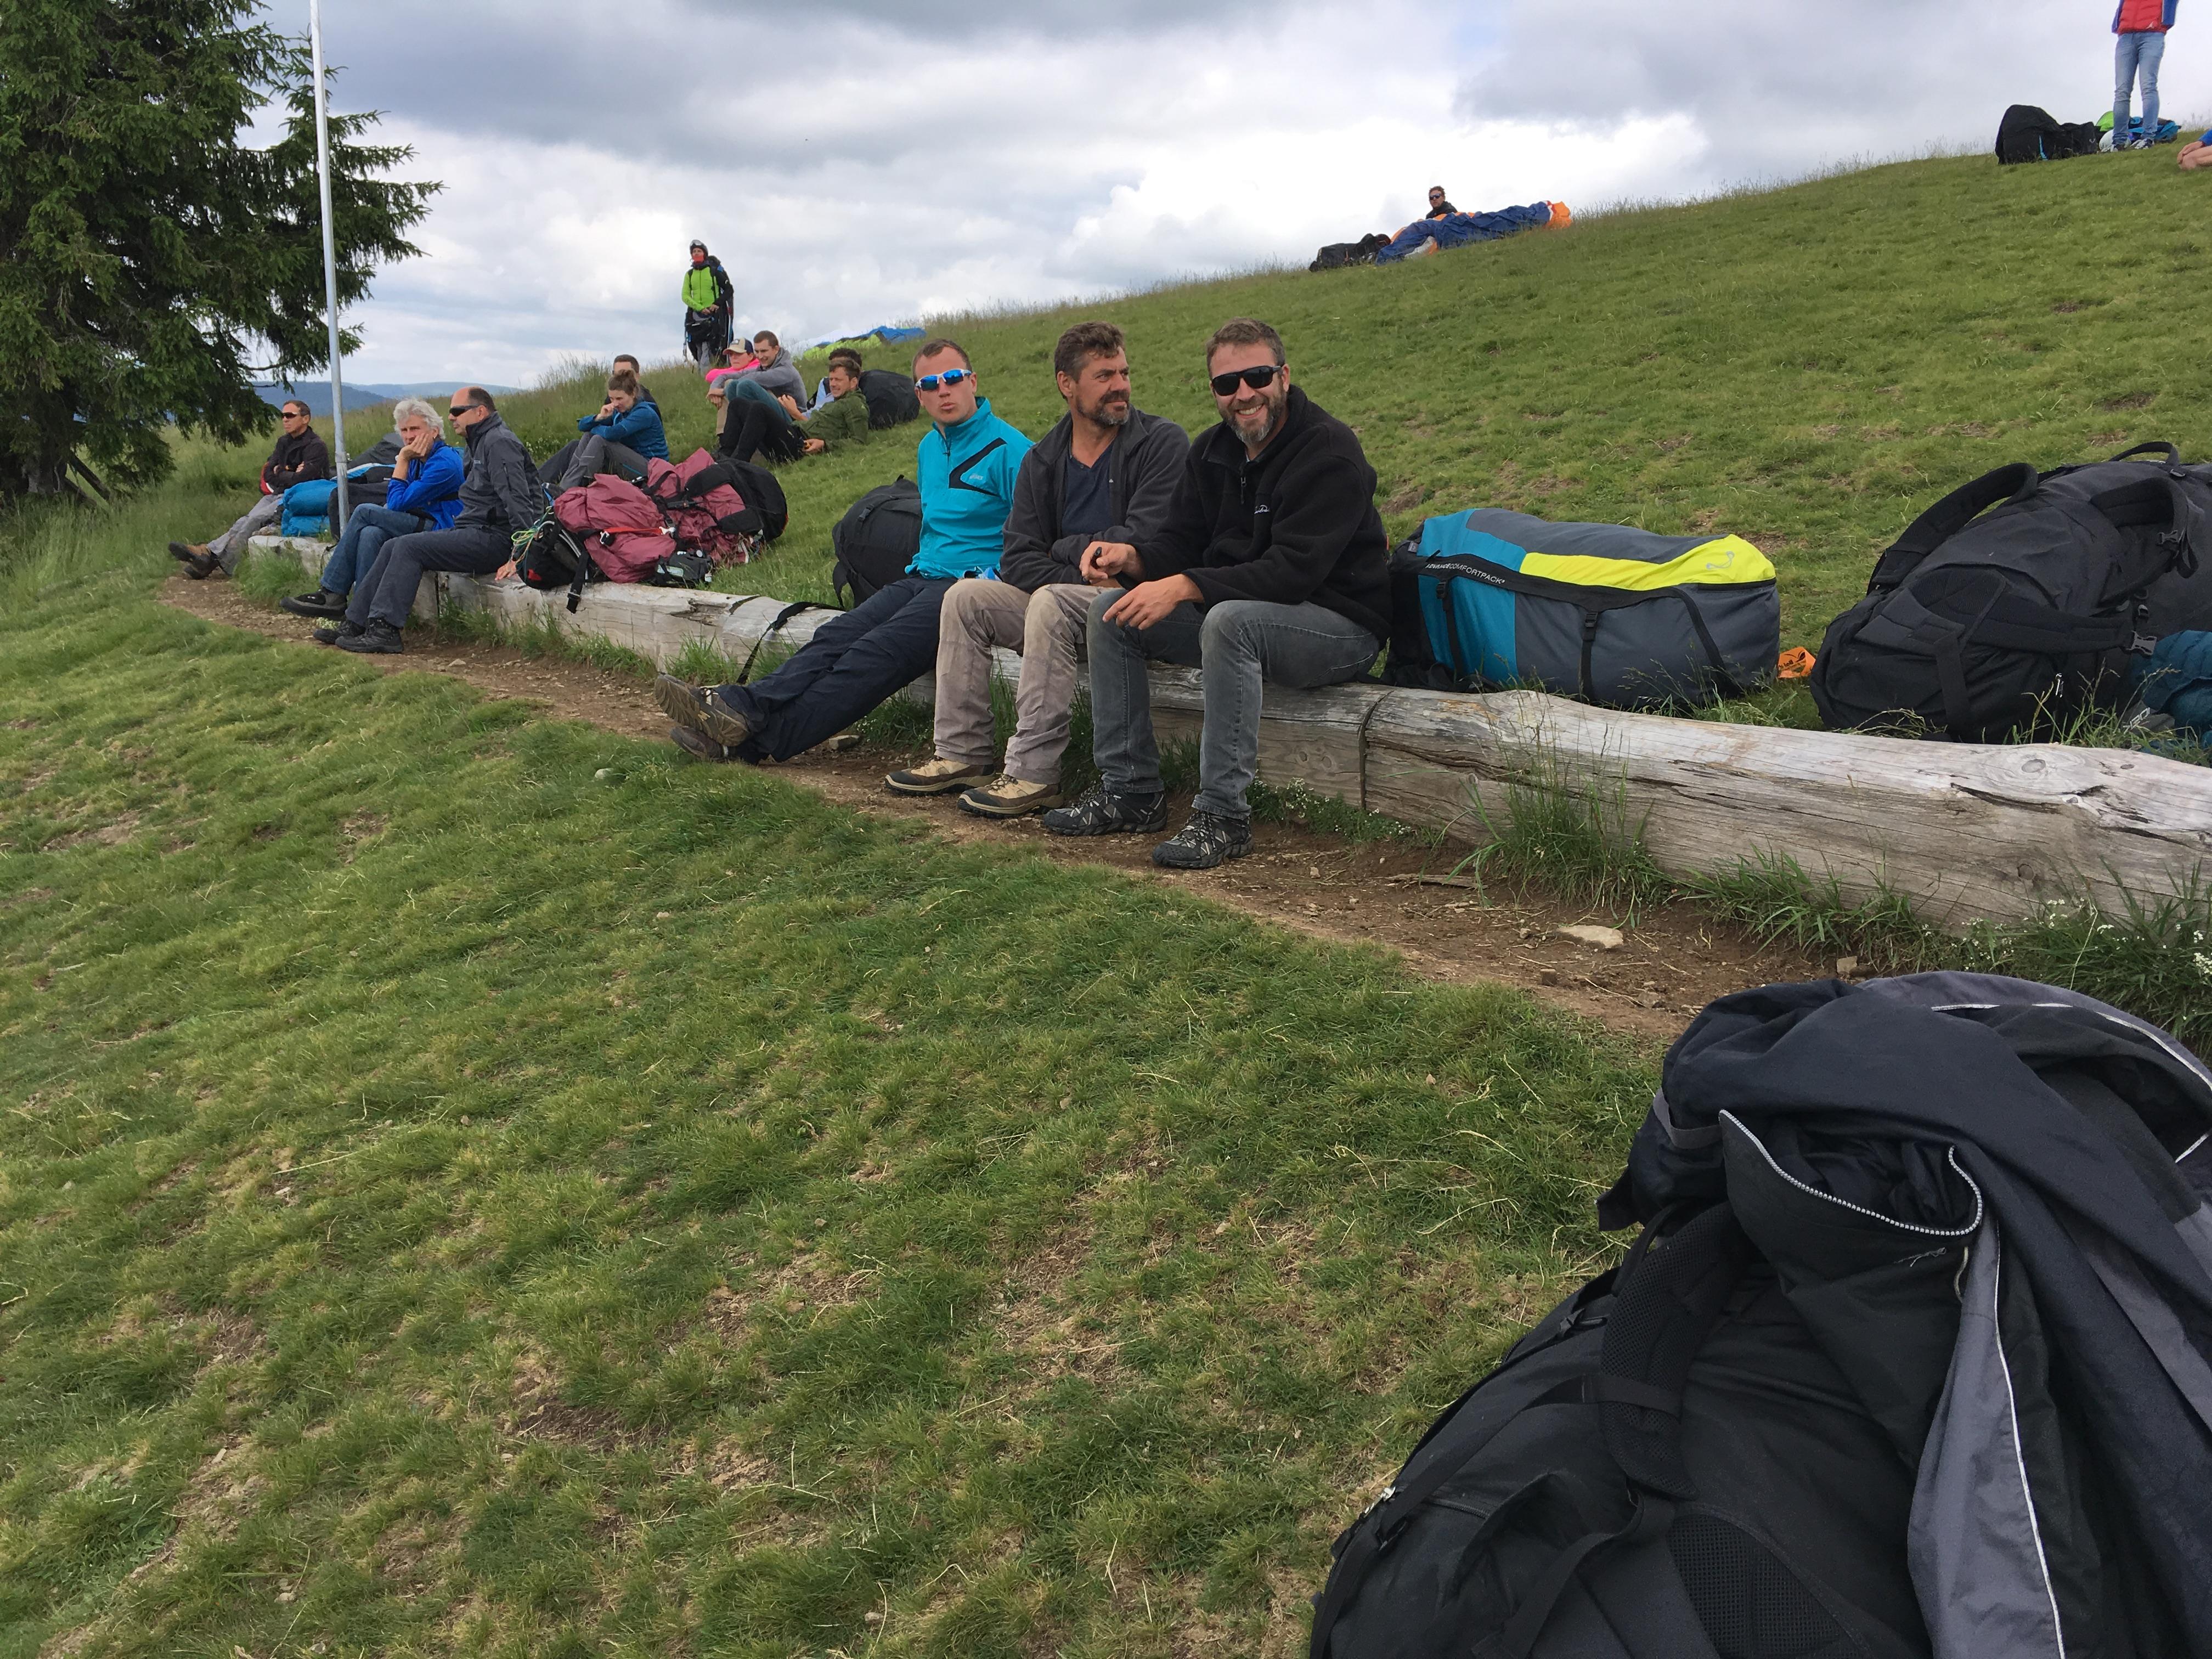 Vosges 2018 -  14-06 - 73